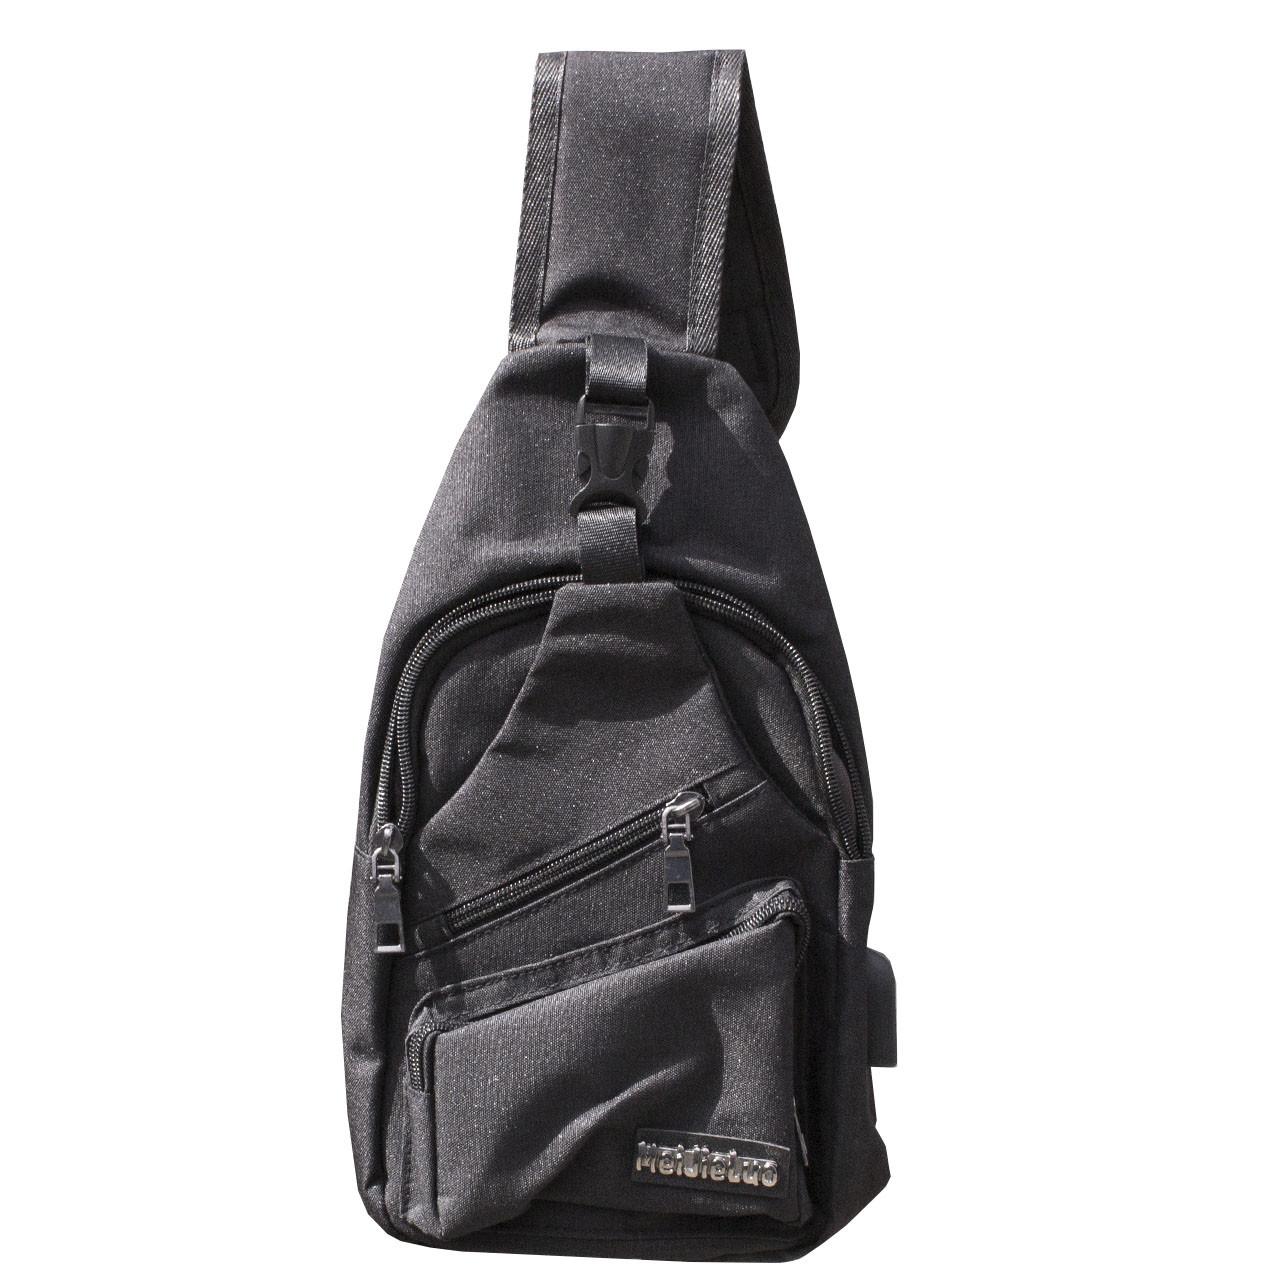 4ebce3485172 ➜Городской рюкзак Mei Jie luo Black однолямочный USB порт мужская сумка на  одно плечо спортивная